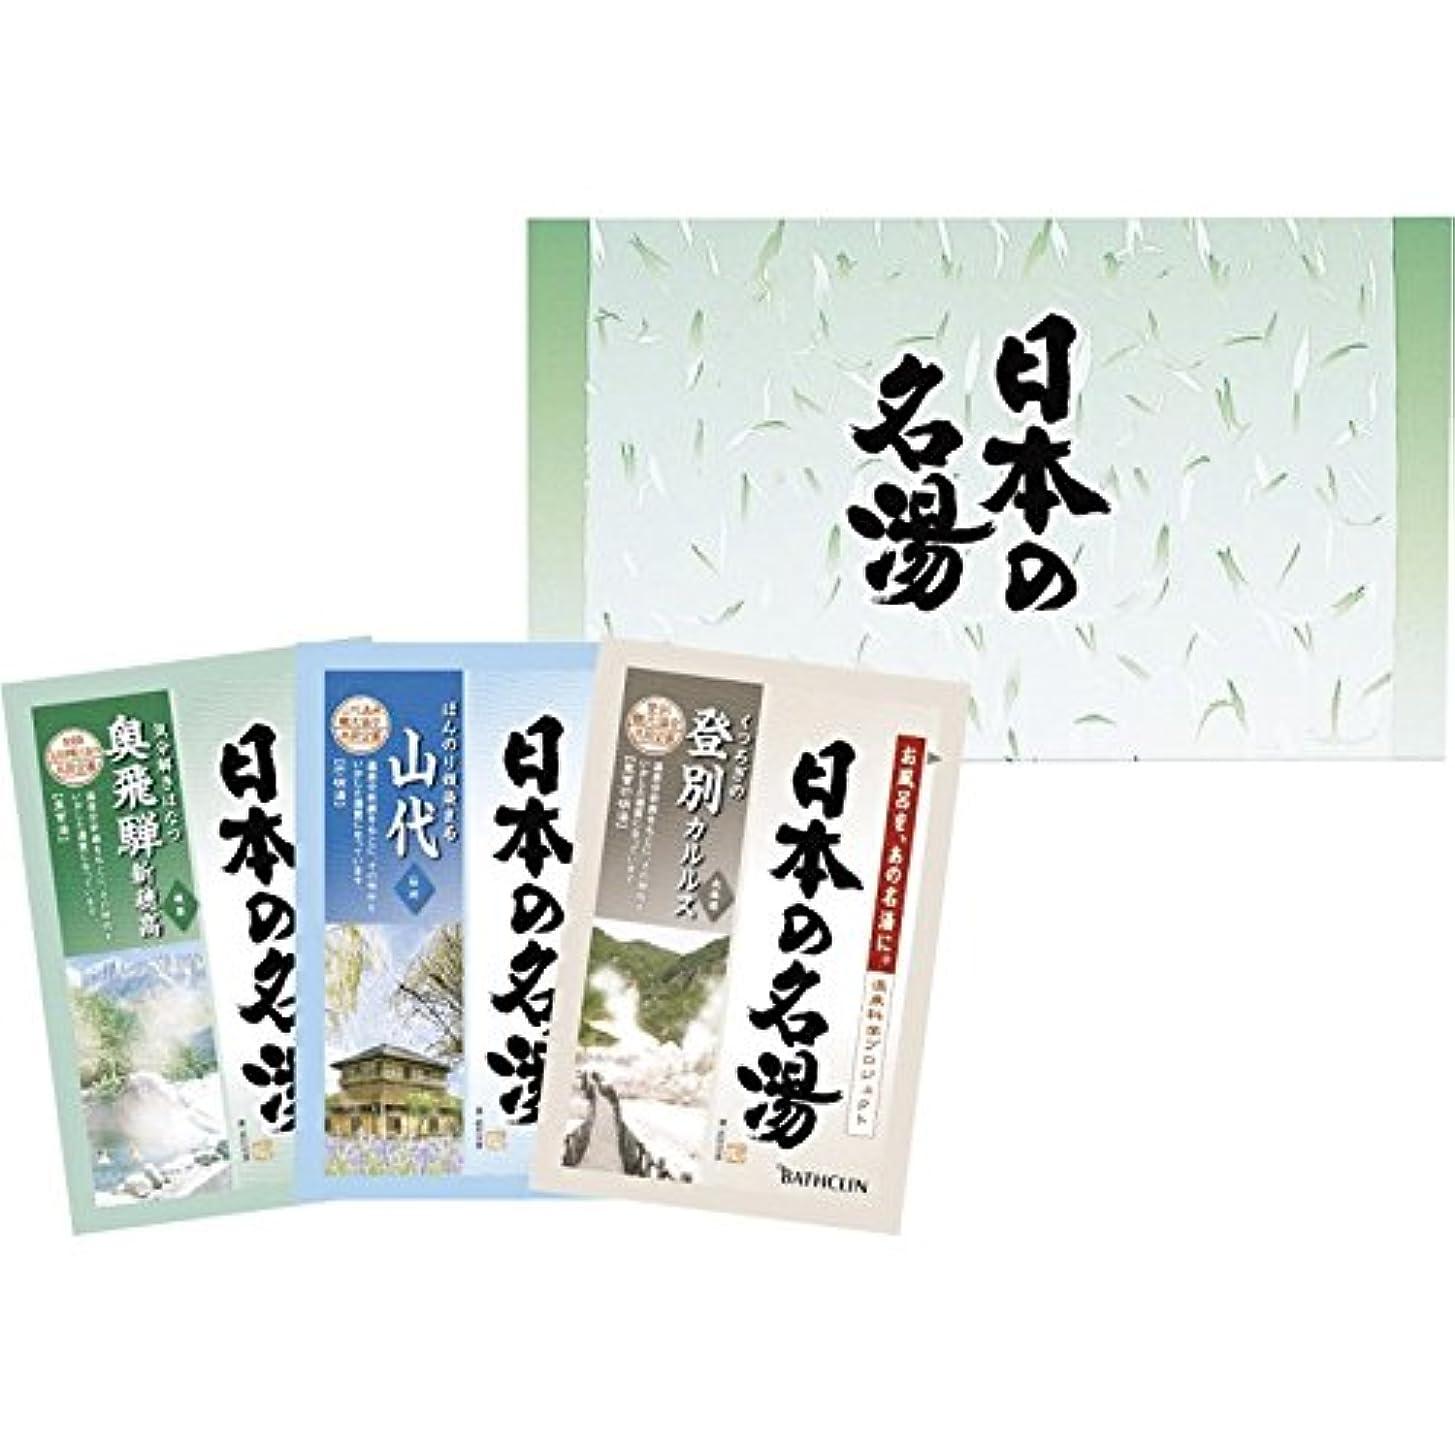 樫の木形式服を片付けるバスクリン 日本の名湯 3包セット 【ギフトセット あたたまる あったまる ぽかぽか つめあわせ 詰め合わせ アソート バス用品 お風呂用品 300】